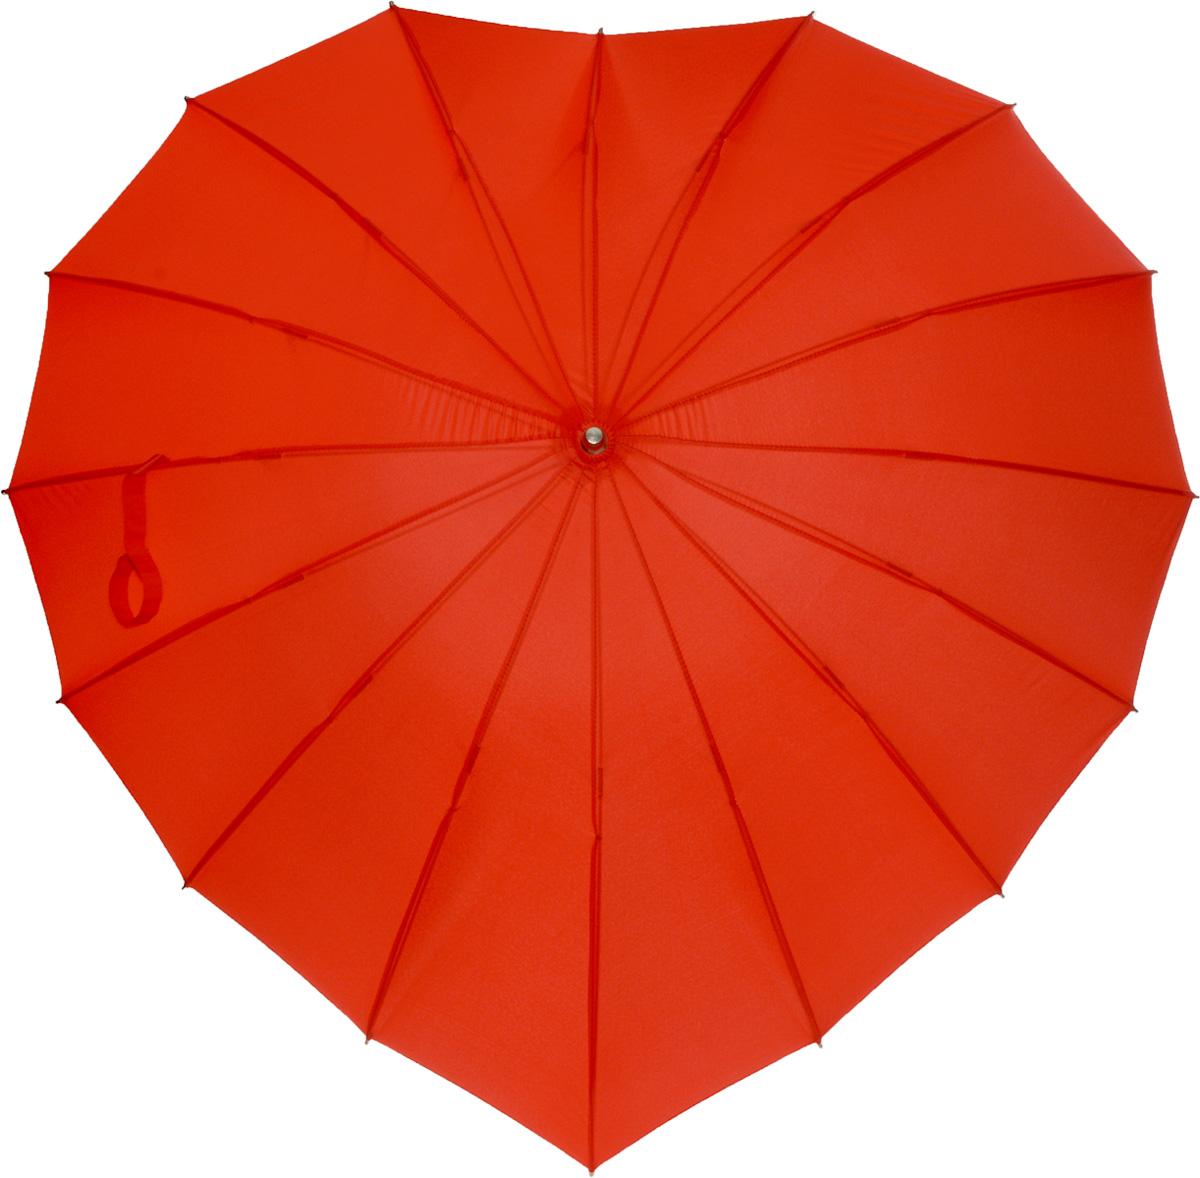 Зонт женский Эврика Сердце, механика, трость, цвет: красный. 93160Колье (короткие одноярусные бусы)Зонт имеет механический тип сложения: открывается и закрывается вручную до характерного щелчка. Удобная ручка выполнена из пластика.